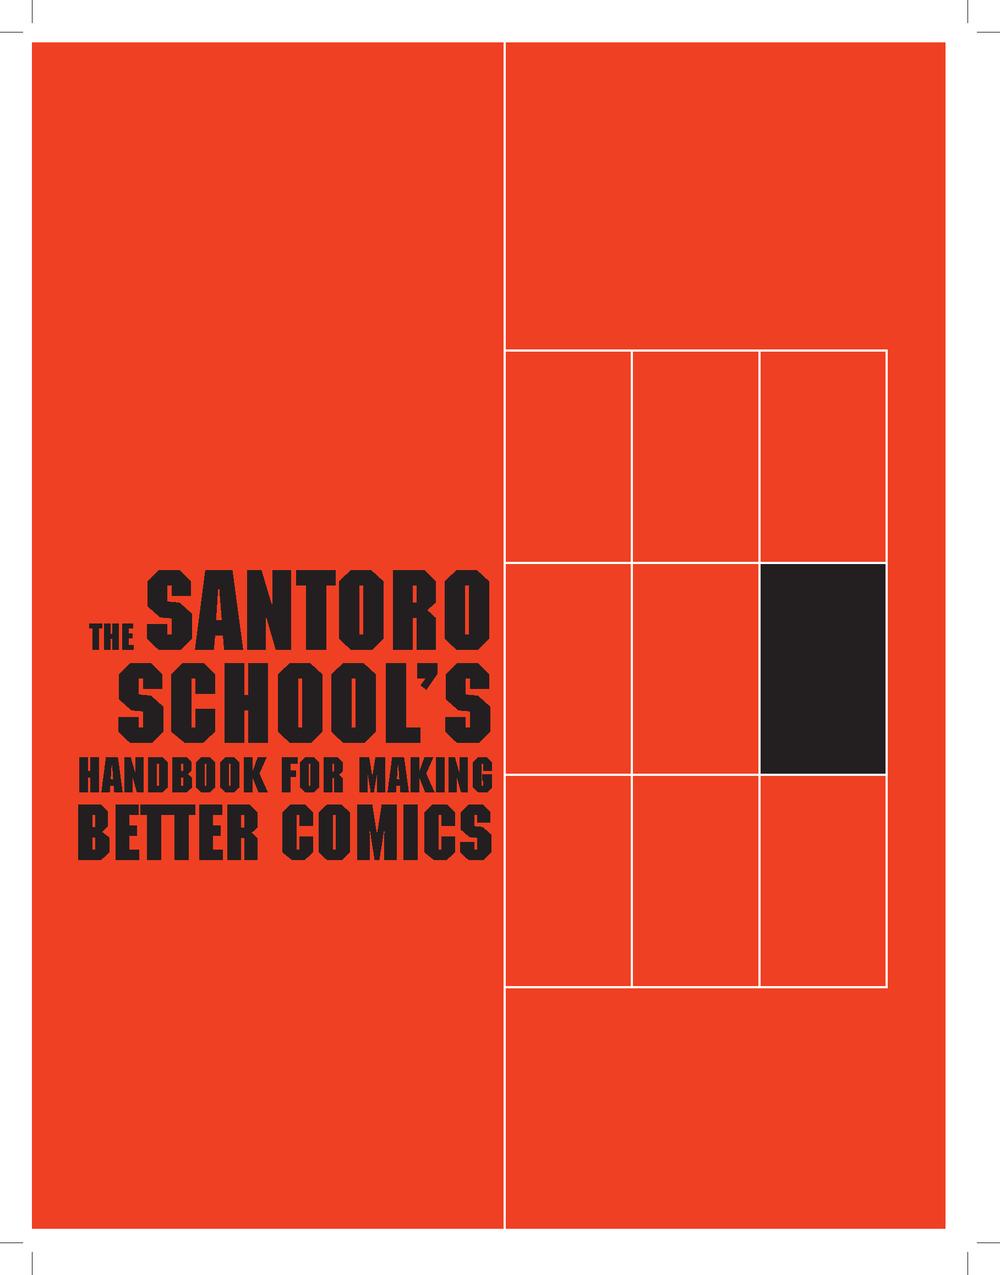 SantoroSchoolHandbook_Page_1.png